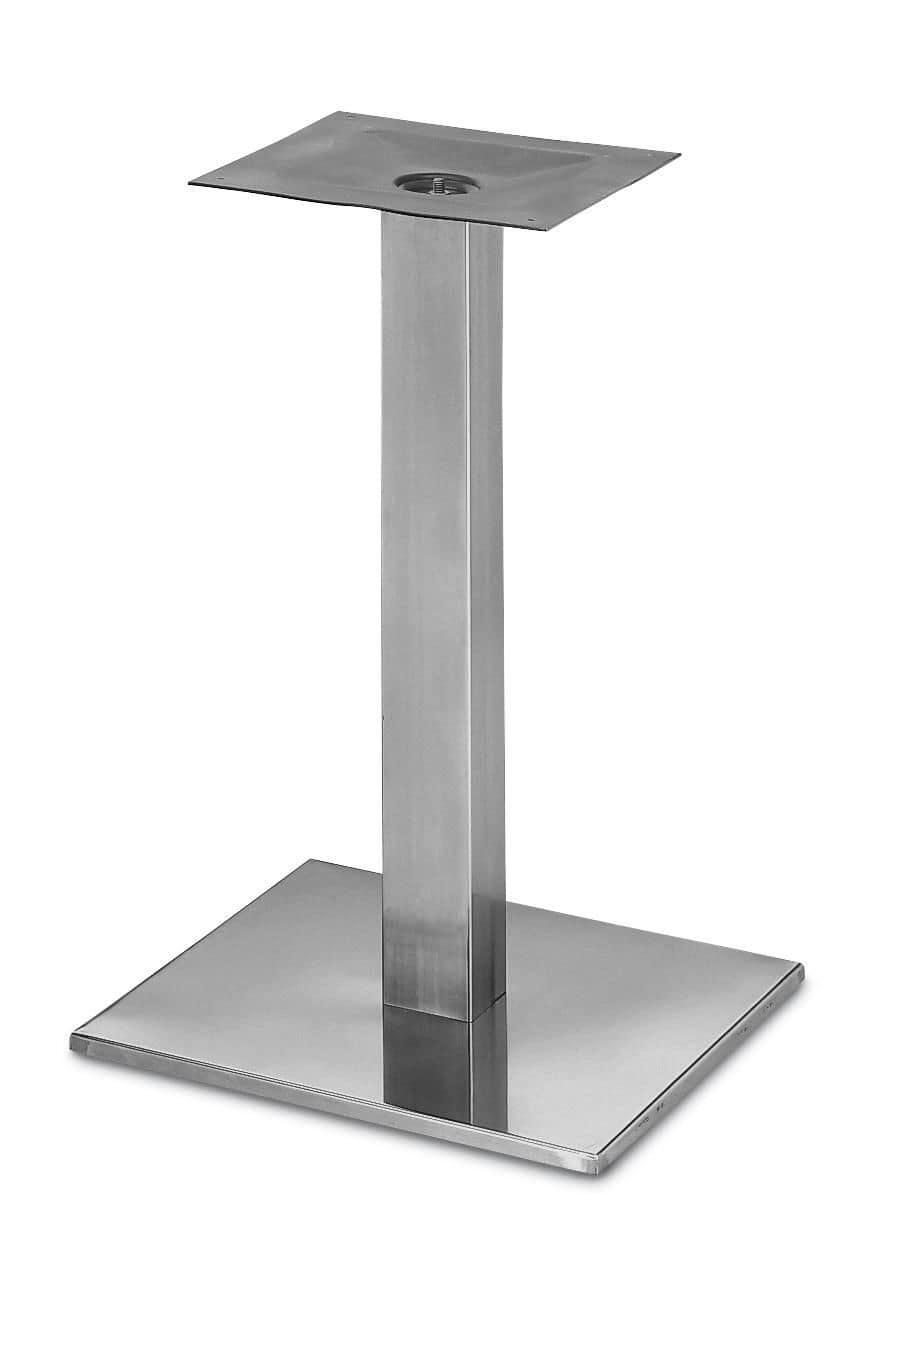 Art.260, Square table base, chromed metal frame, for bar and restaurants